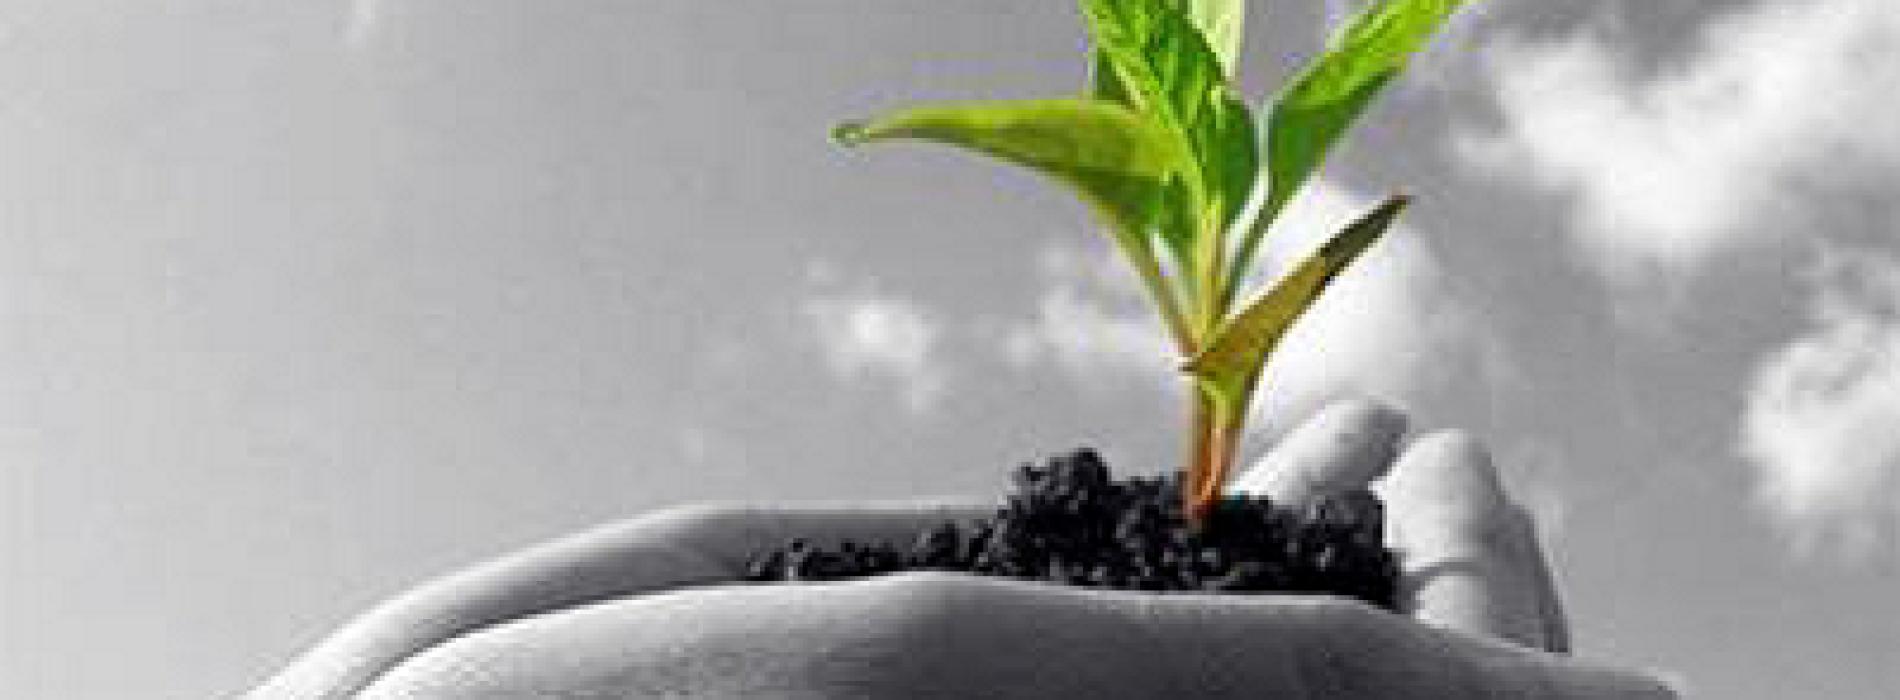 Dalla Regione un tavolo verde per l'agricoltura